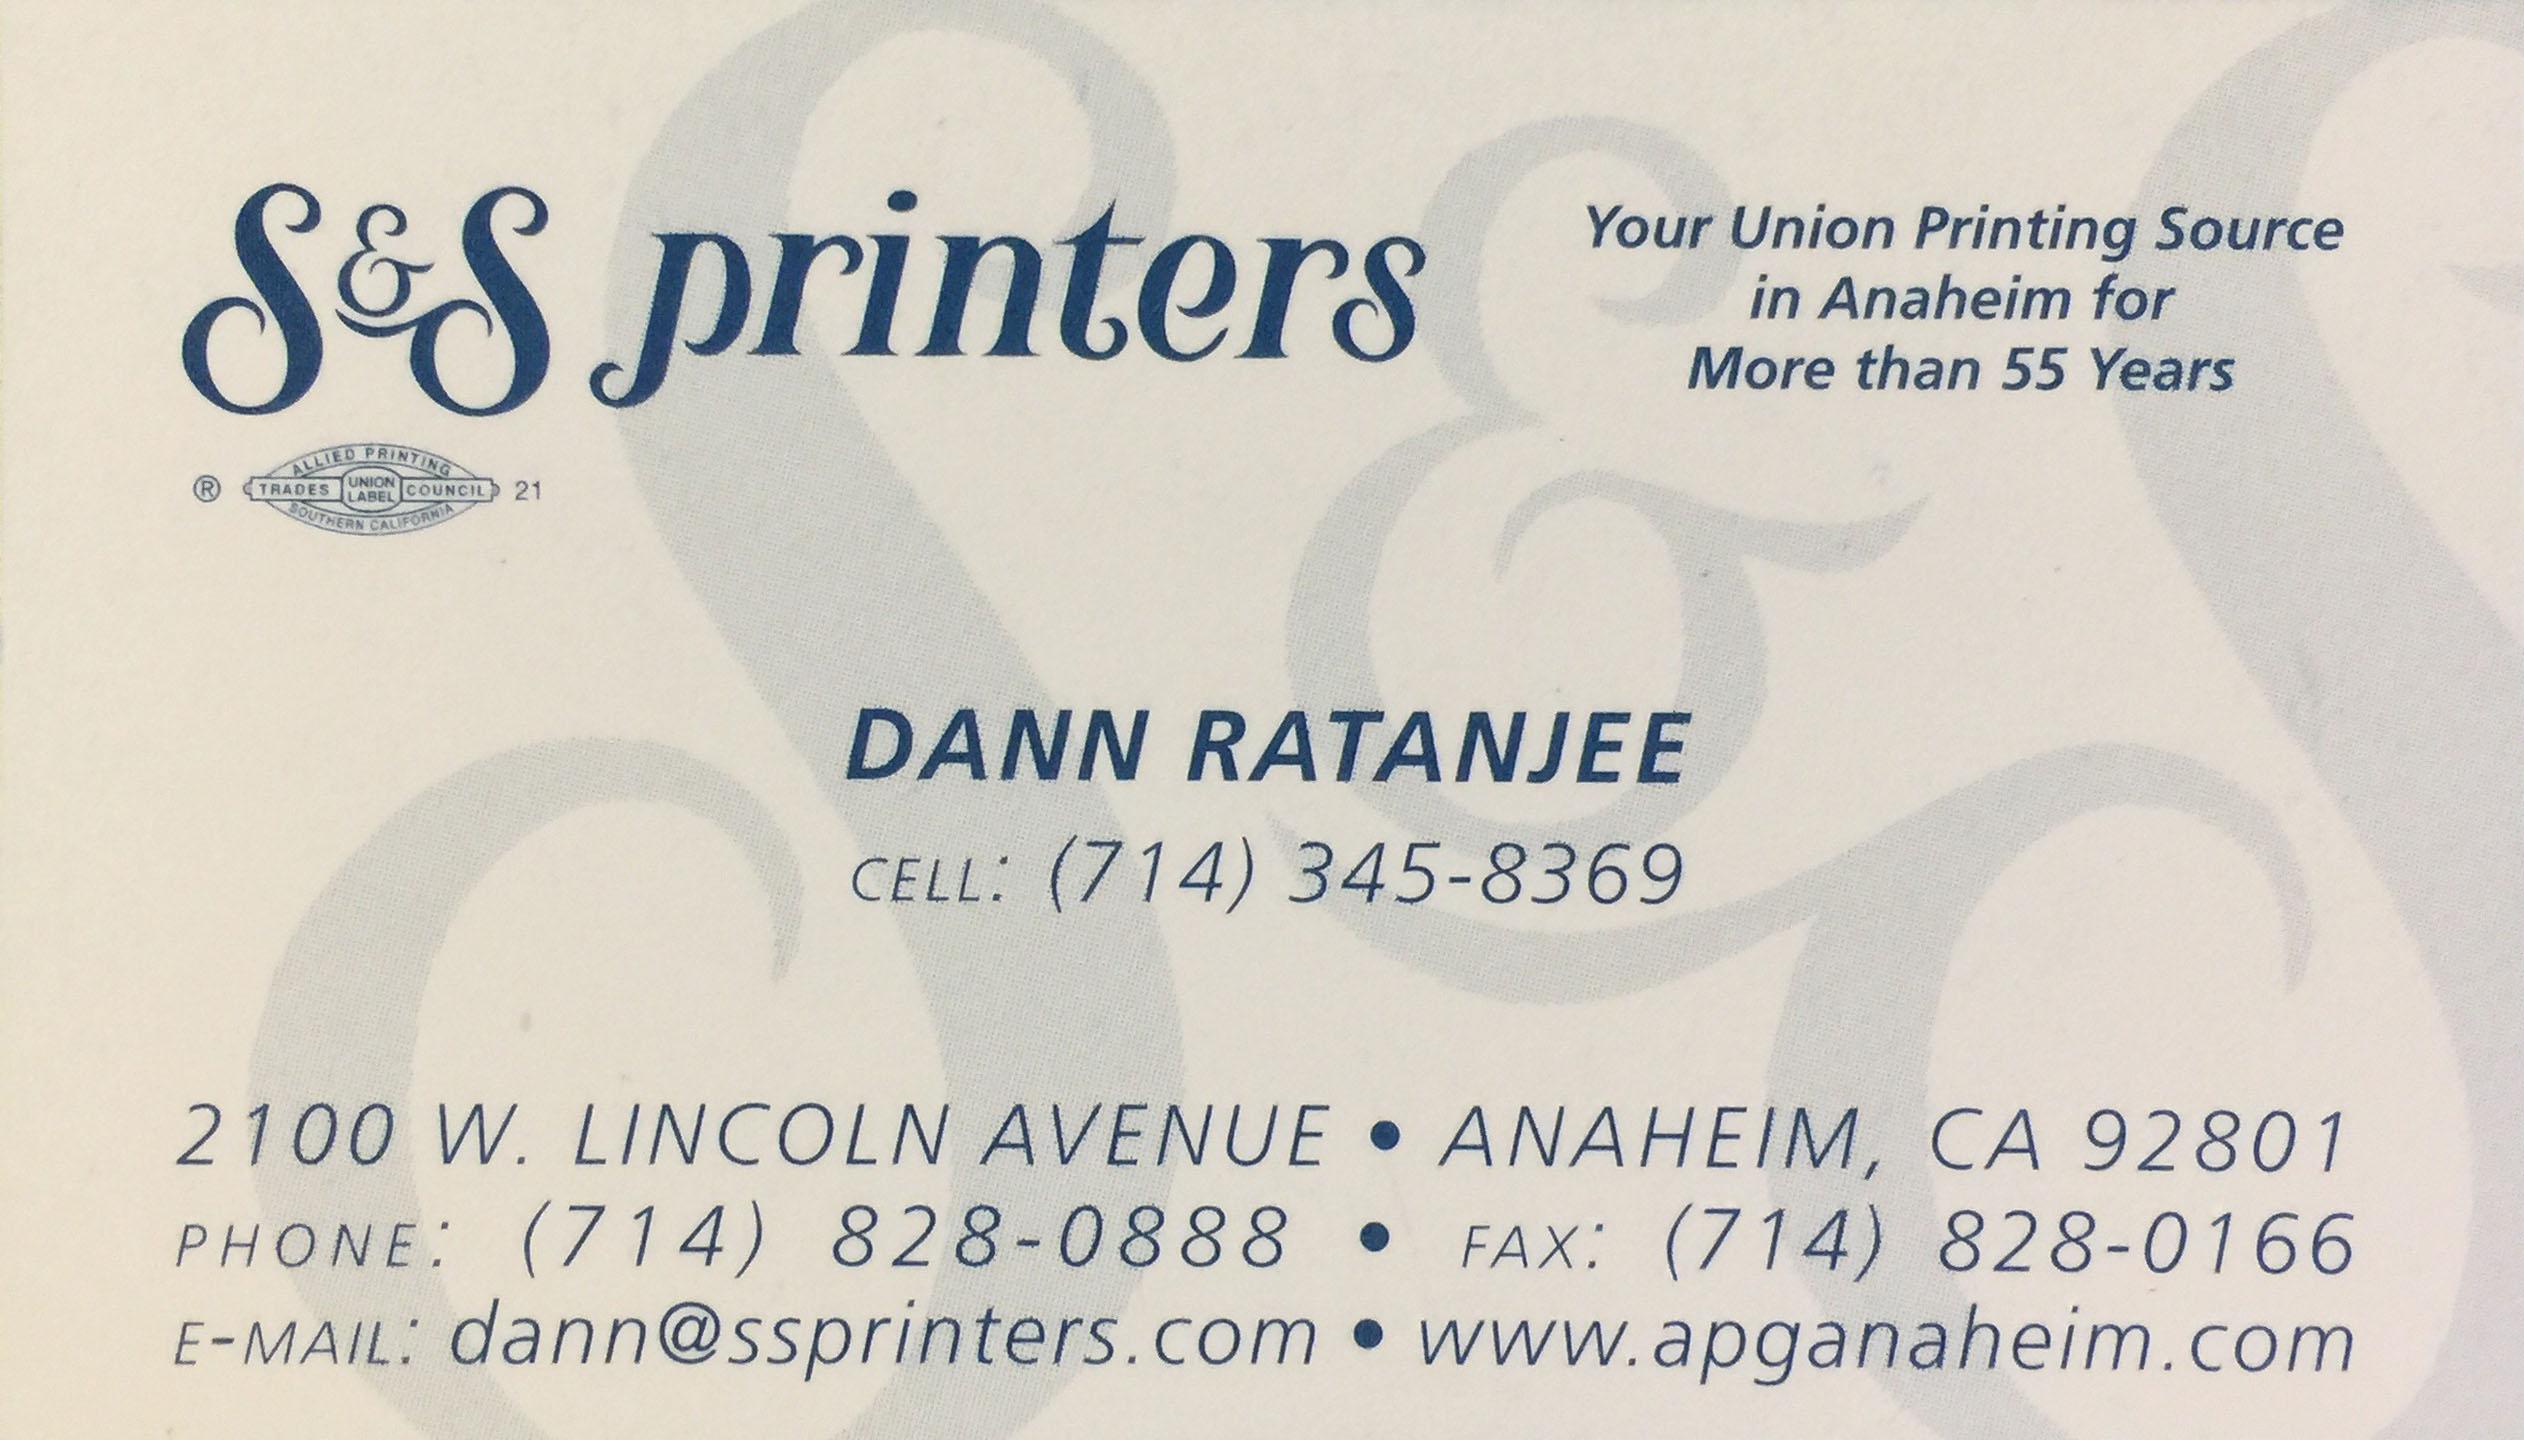 S&S Printers